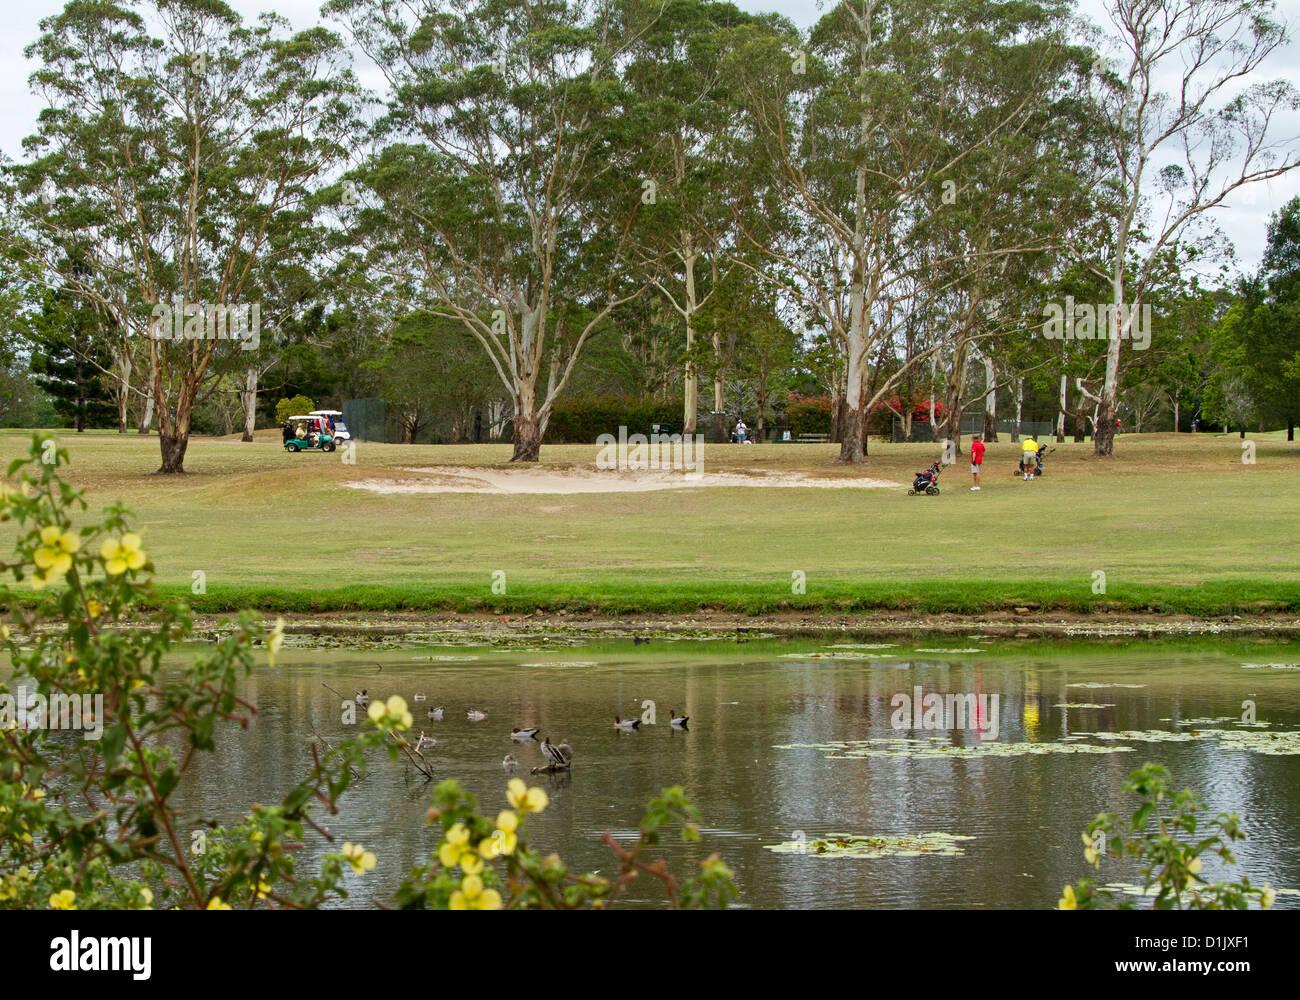 Groupe d'hommes jouer au golf sur le pittoresque terrain de golf à côté du lac à Maryborough Photo Stock